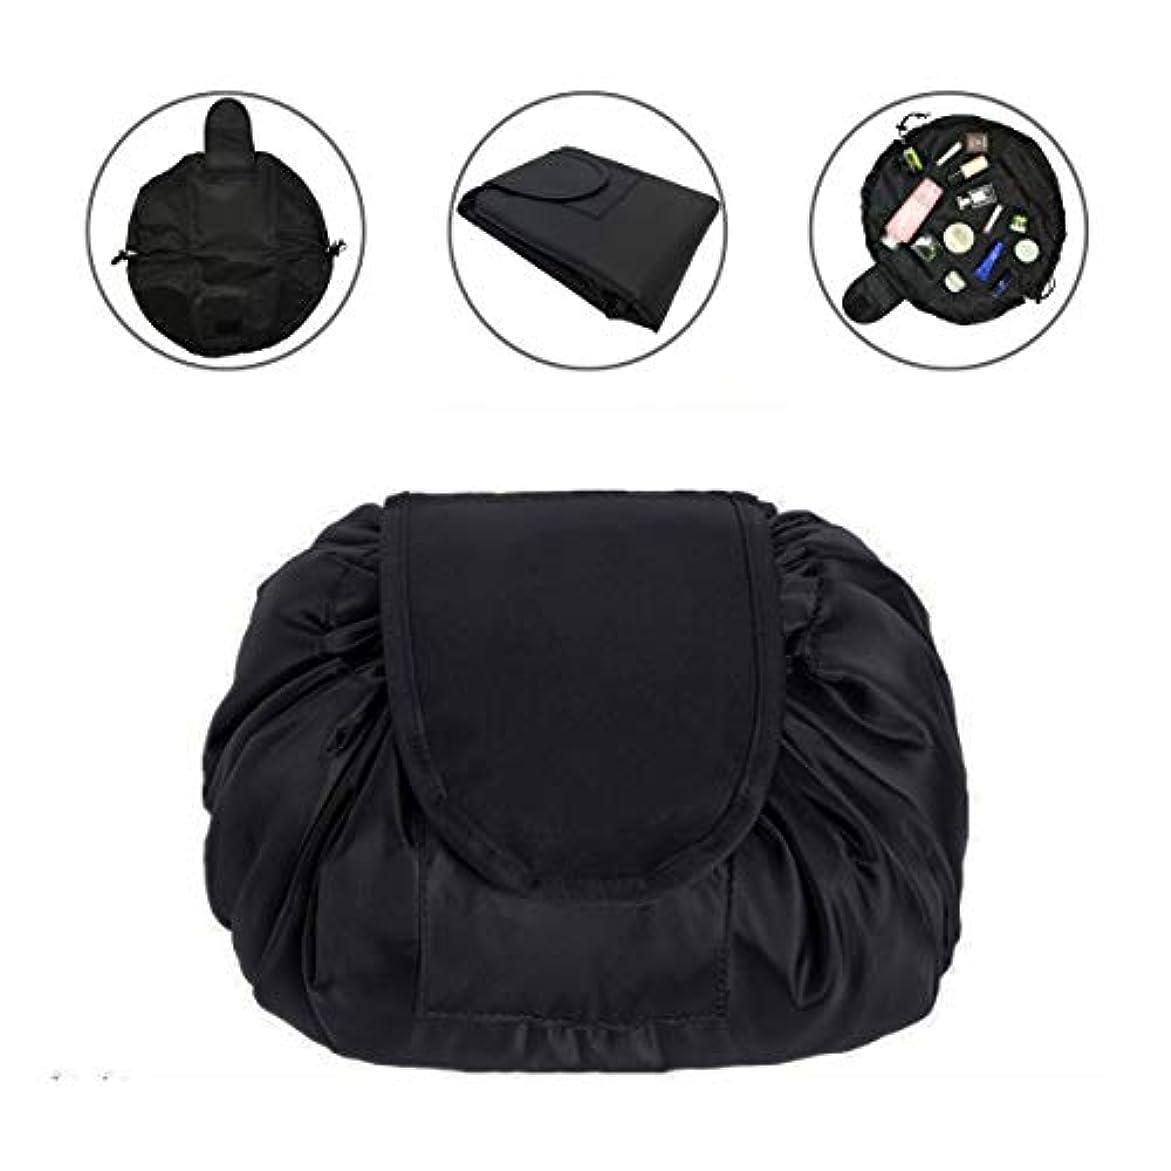 電極野な大工LAFALA 化粧バッグ 化粧ポーチ メイクバッグ 化粧品収納バッグ 折畳式 巾着型 収納携帯用 便利 防水的 旅行 容量大きい 格好いい おしゃれ 黒色 お勧め